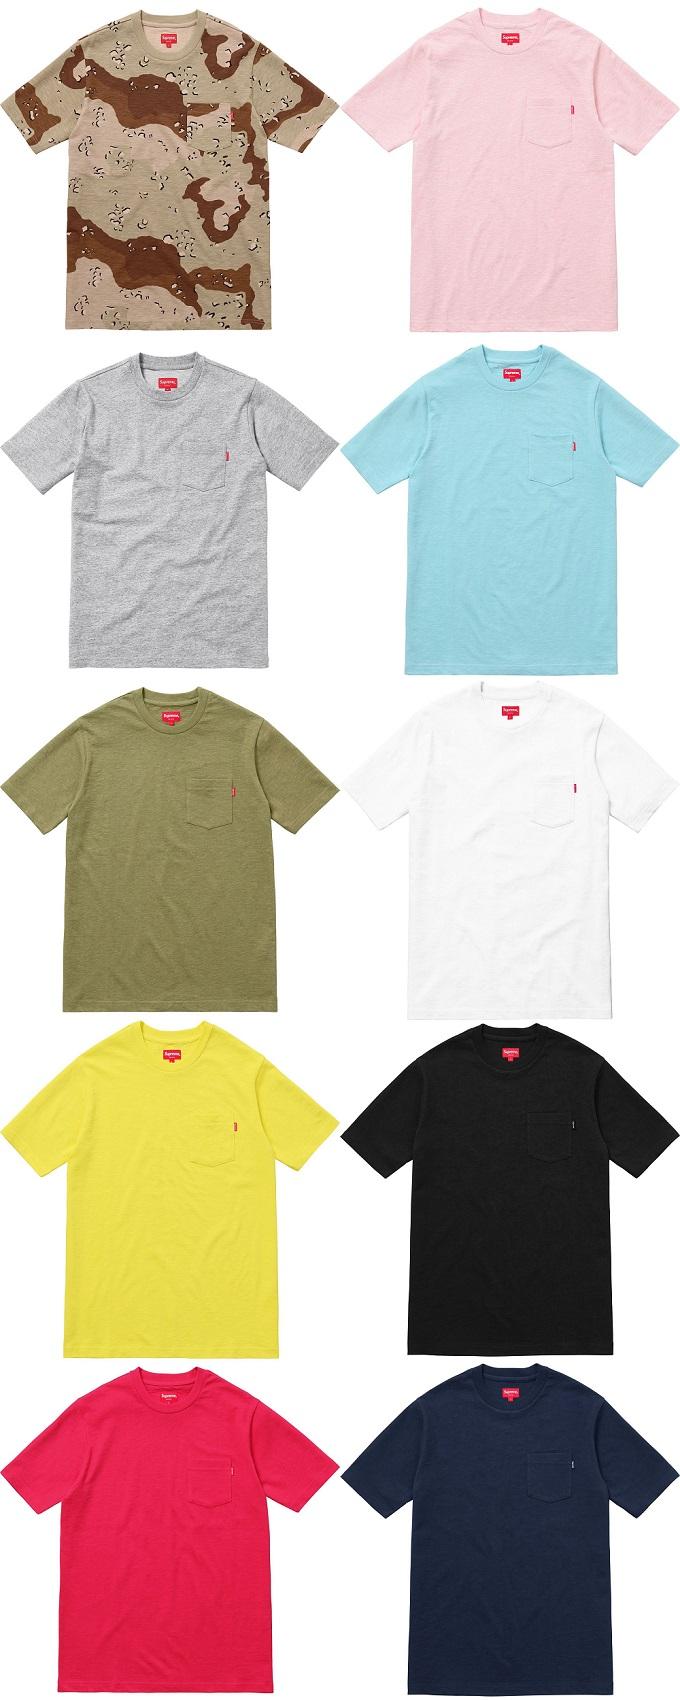 supreme-online-store-20170610-week16-release-items-pocket-tee